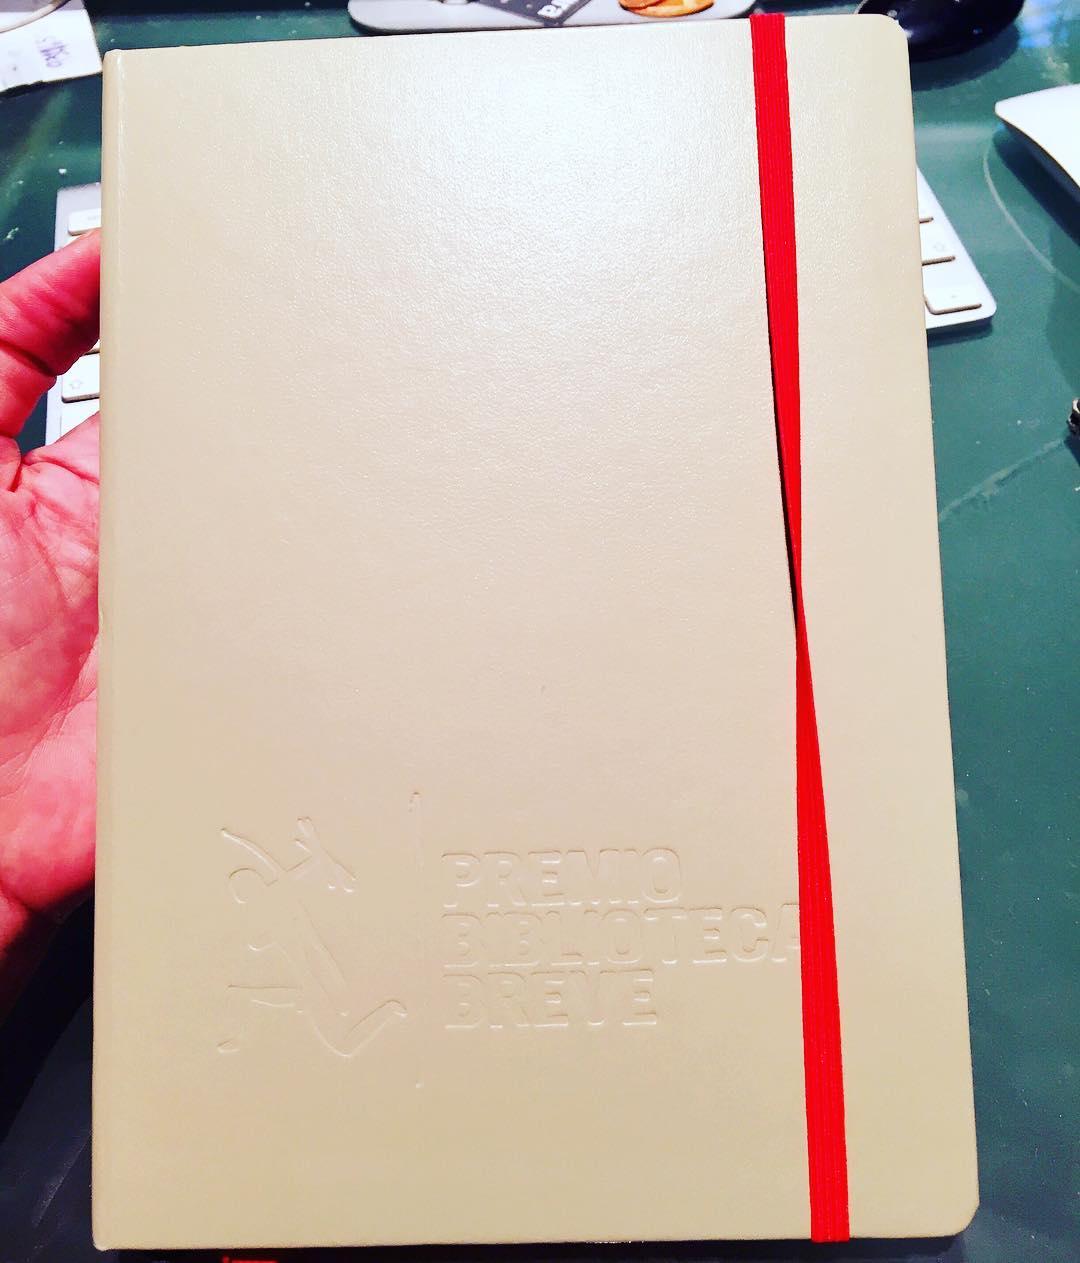 Ya tengo libreta para las notas de mi nueva novela :)) #esunnoparar #bibliotecabreve2017 #cuadernos #escritora #mallorquina #algaida #clubdelectura #llibres #libro #books #bookshop #libreria #llibreria #bestseller #leermola #leeressexy